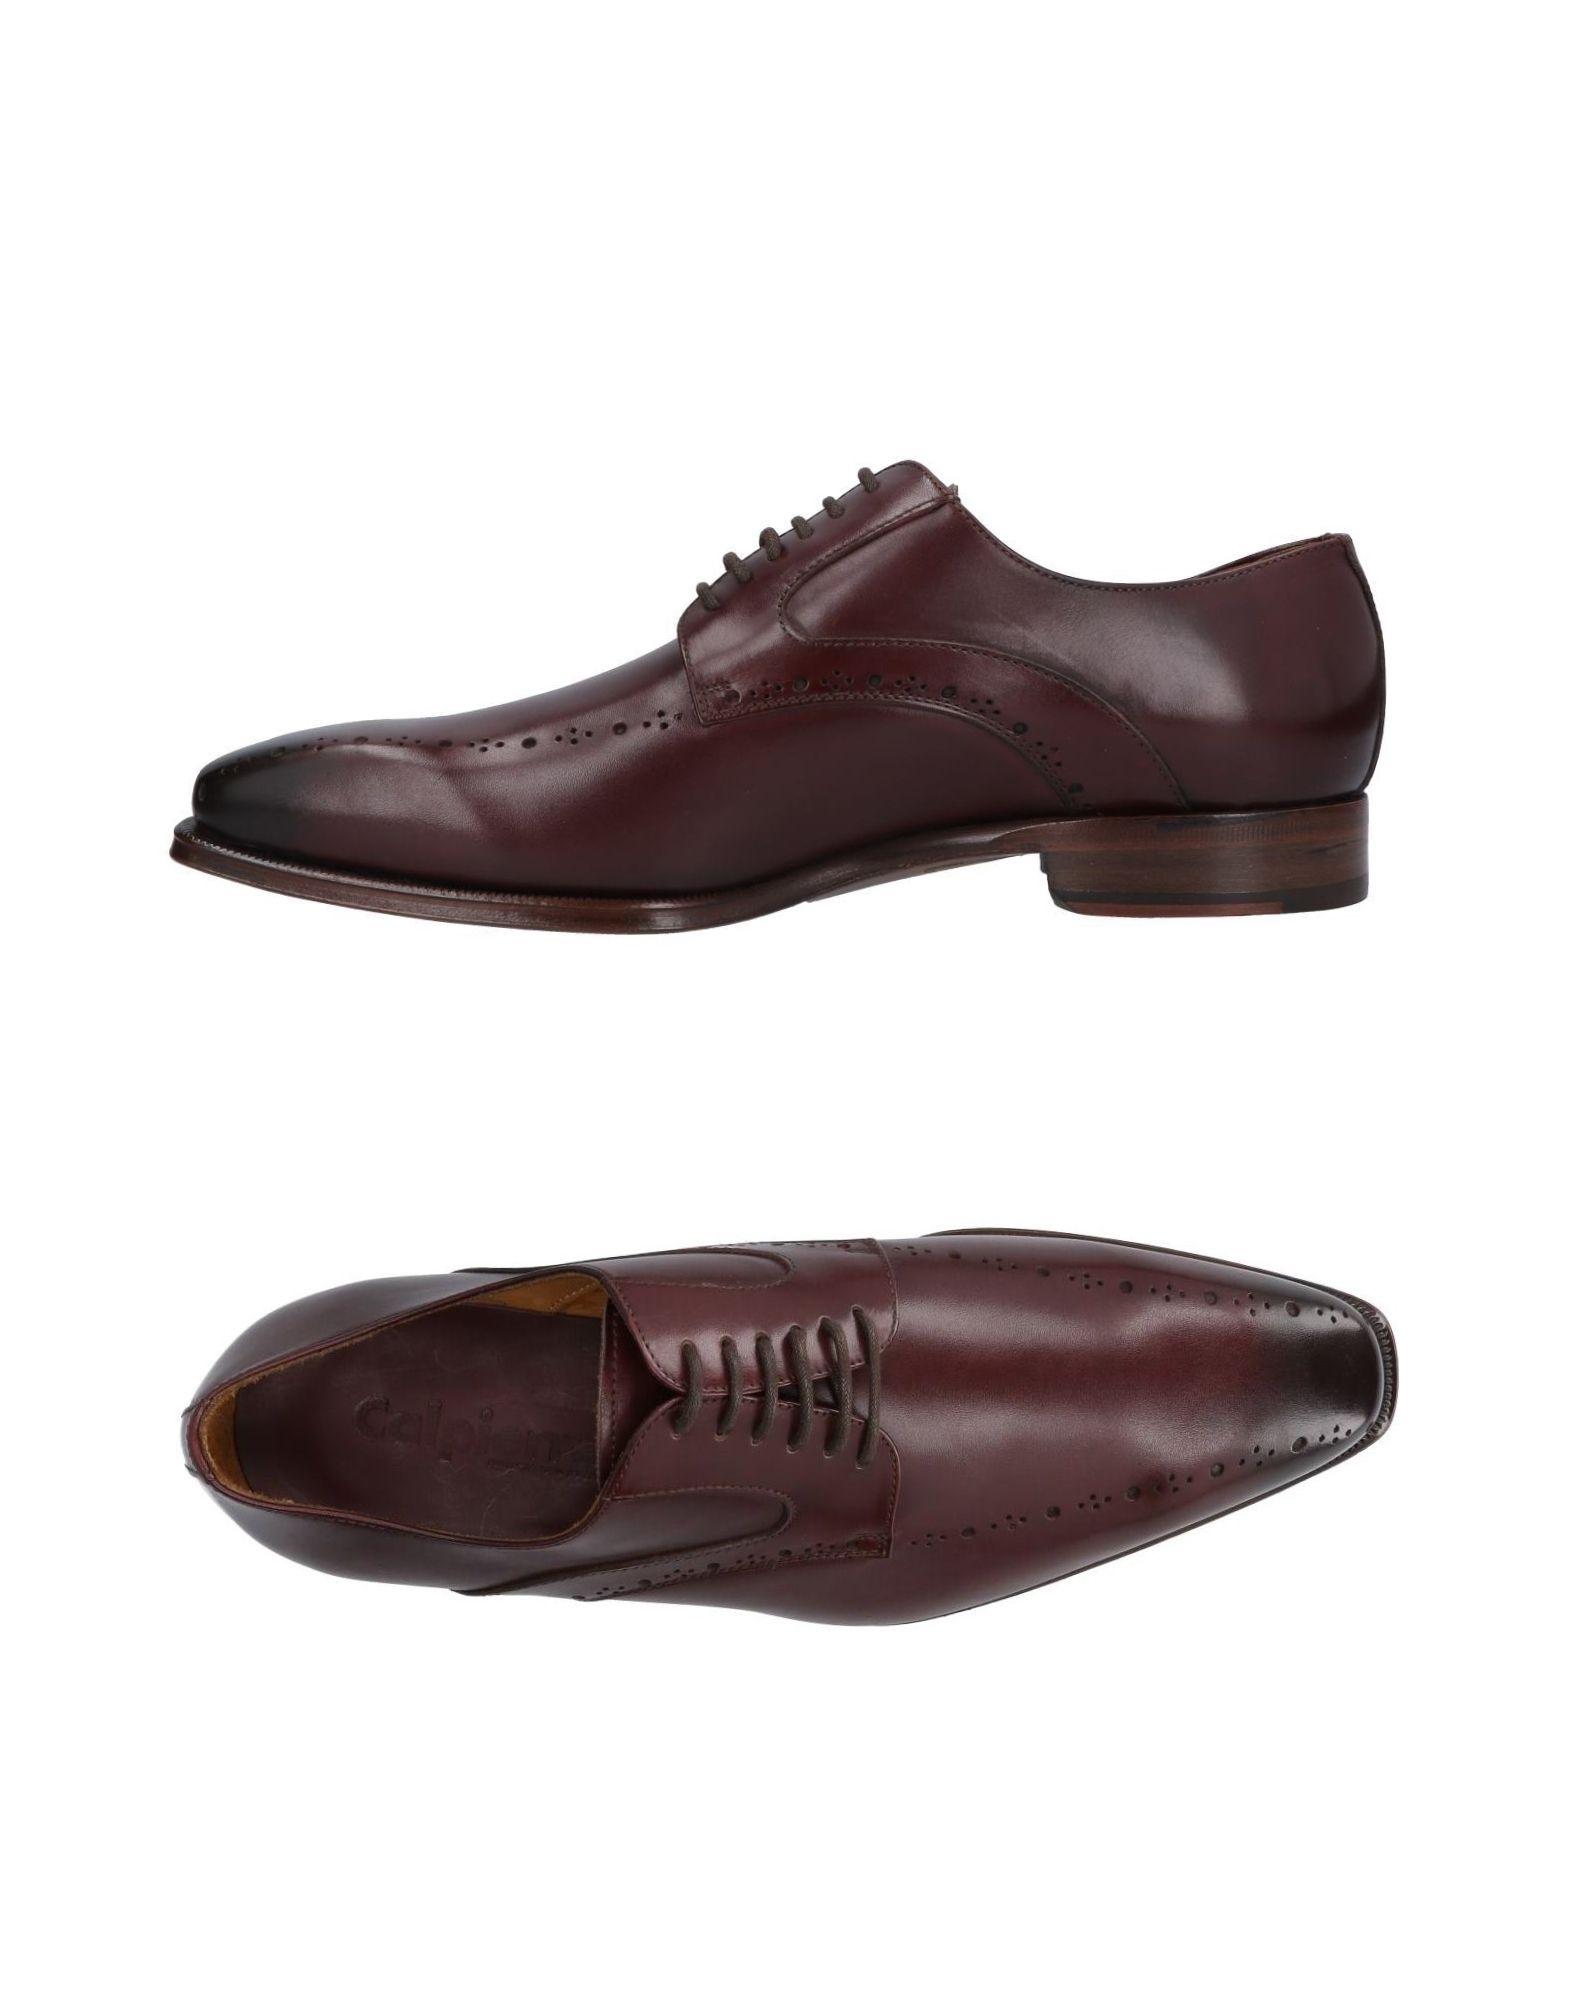 CHAUSSURES - Chaussures à lacetsGianna Meliani EJcHpt